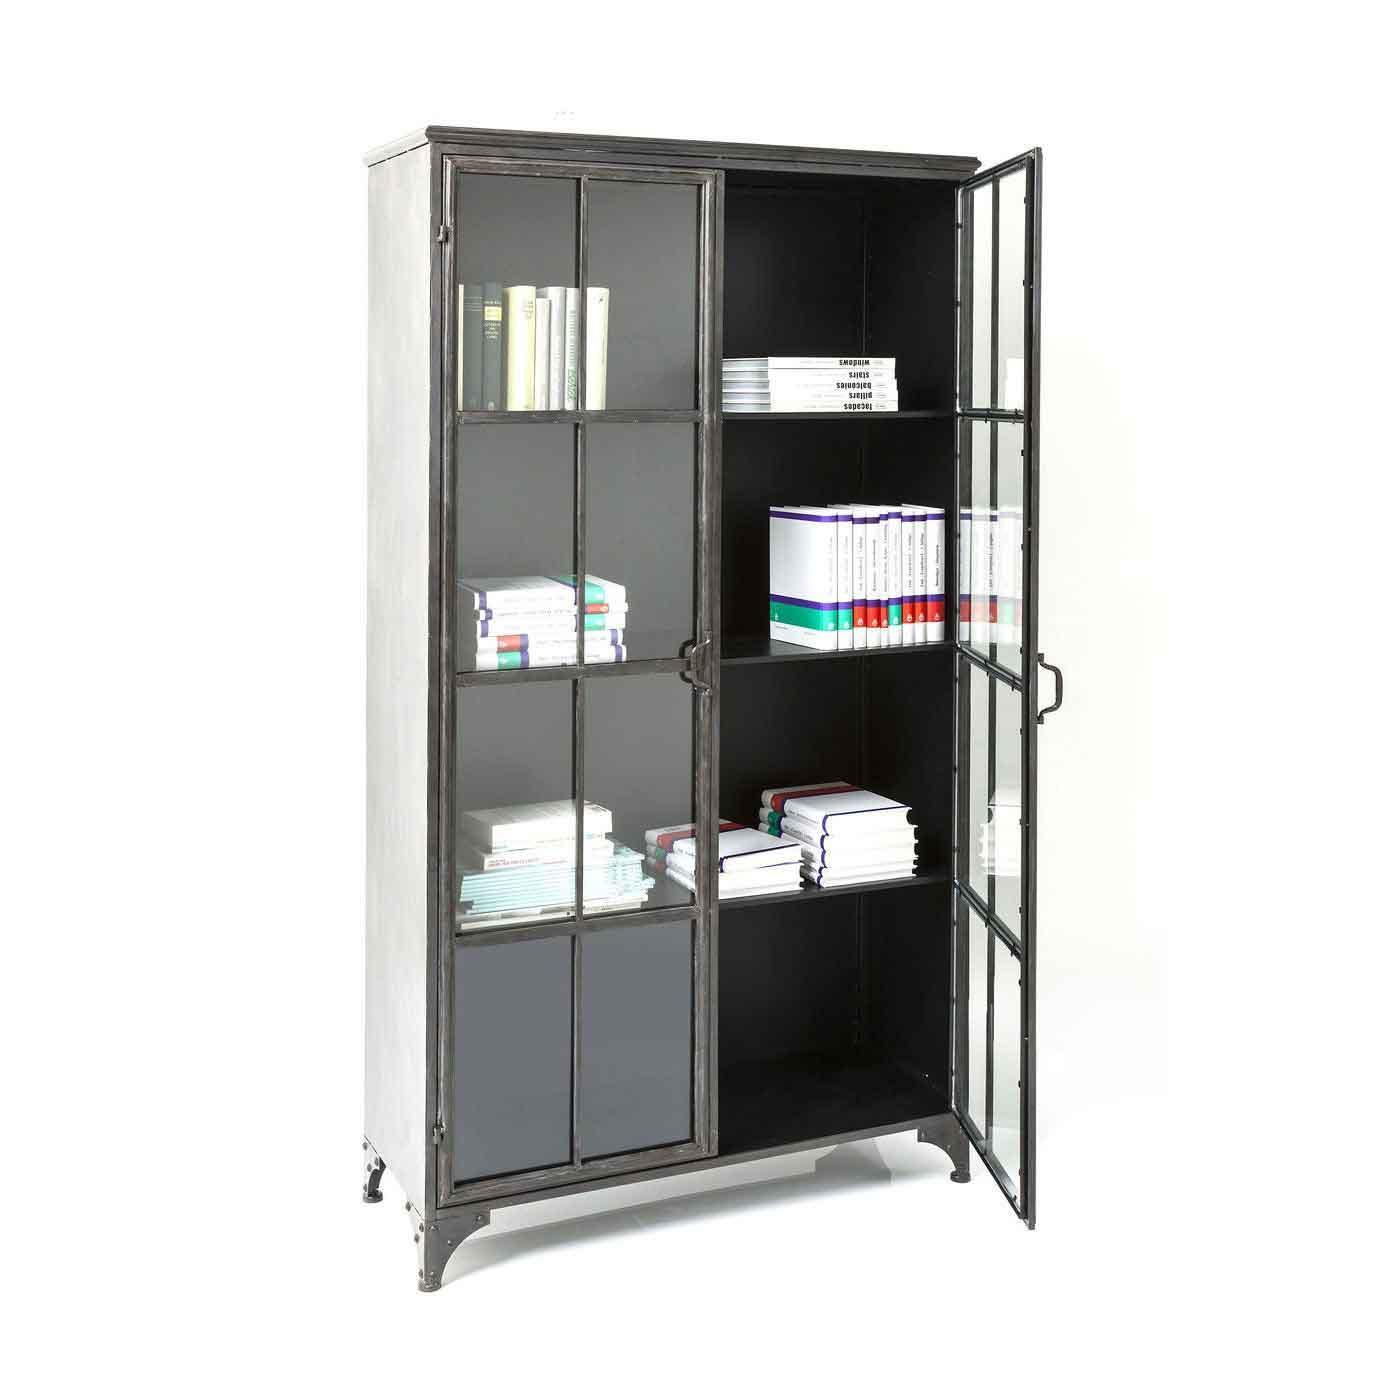 kare design – Kare design factory kabinet - stål og glas på boboonline.dk